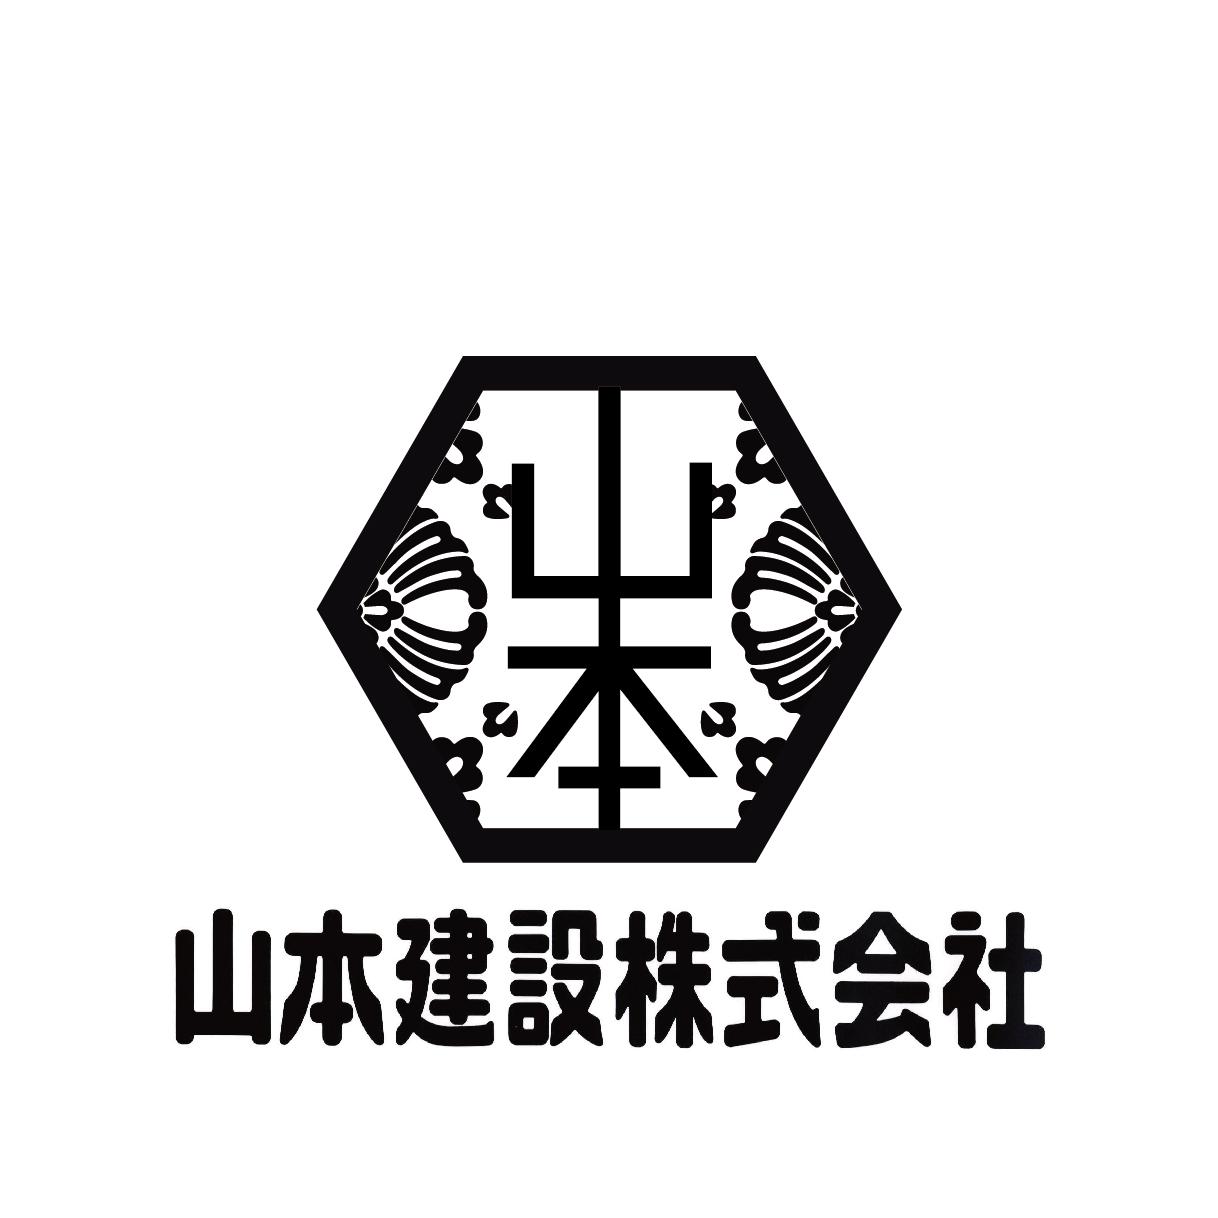 logo 「山本建設株式会社」